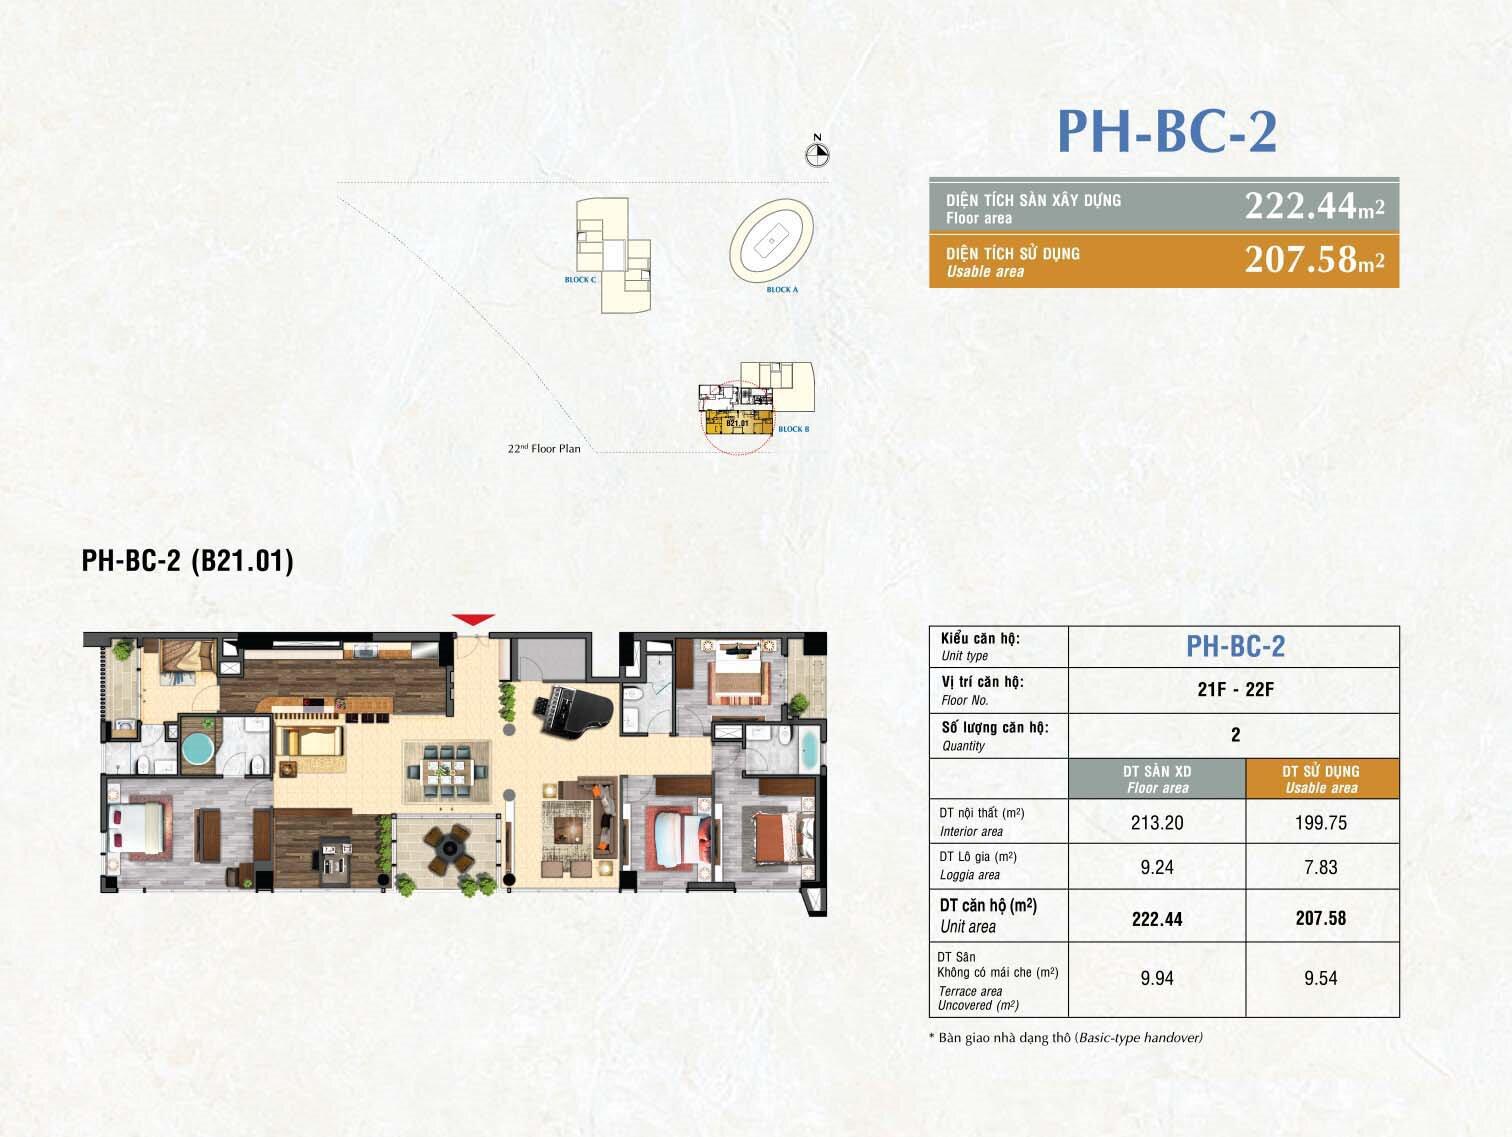 Type PH-BC-2